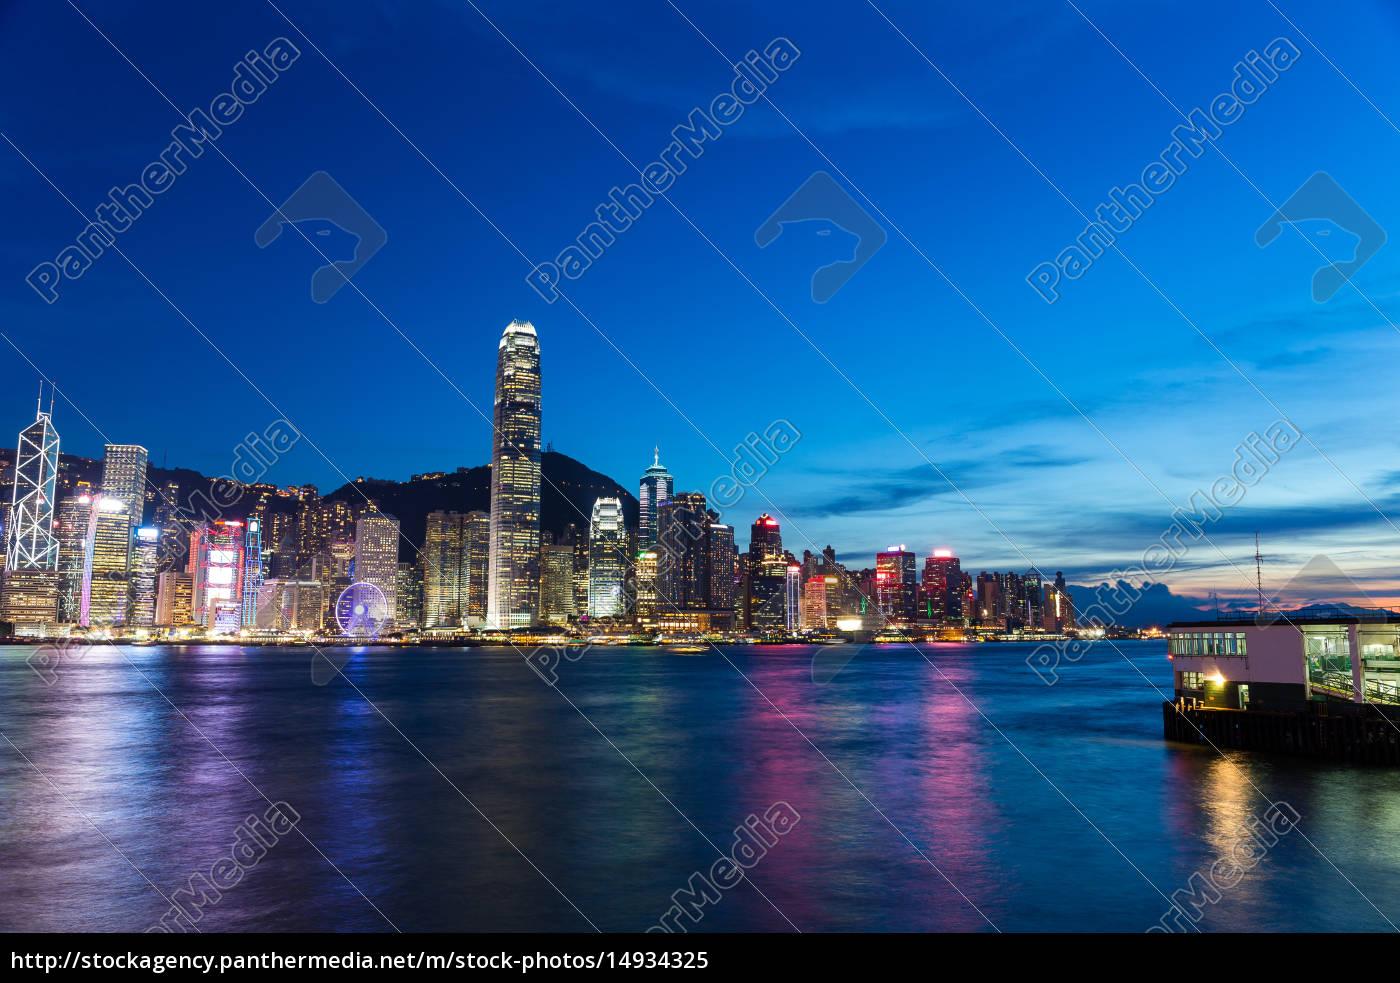 hong, kong, city, at, night - 14934325